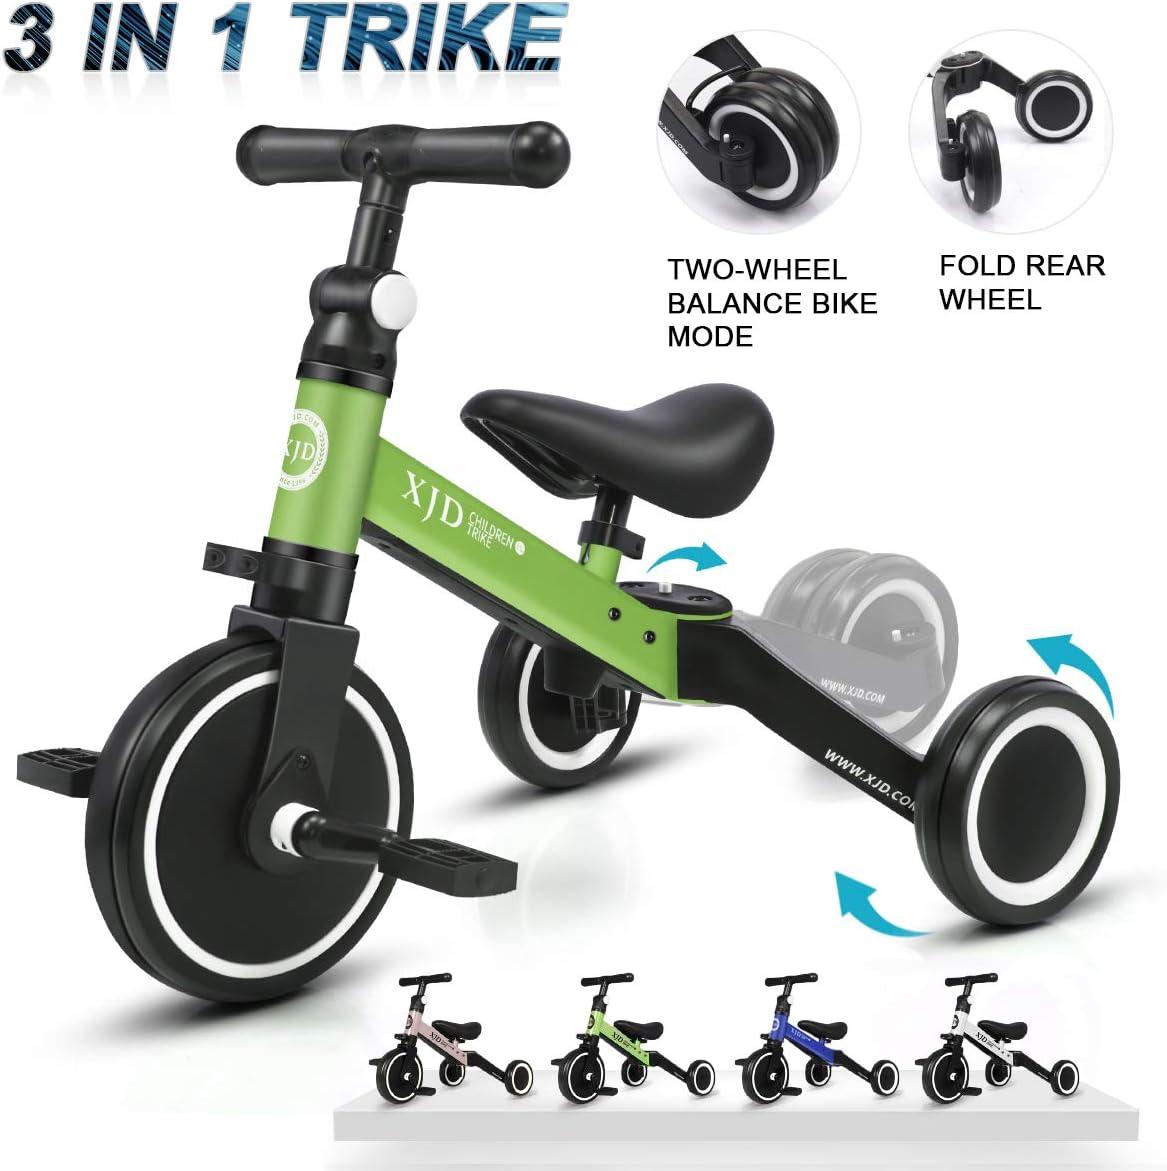 XJD 3 en 1 Triciclo para Niños con Pedales Ligero y Plegable Triciclo Bicicleta para Niño y Niña de 2 a 4 años con CE Certificación con Bolsa de Transporte (Verde)